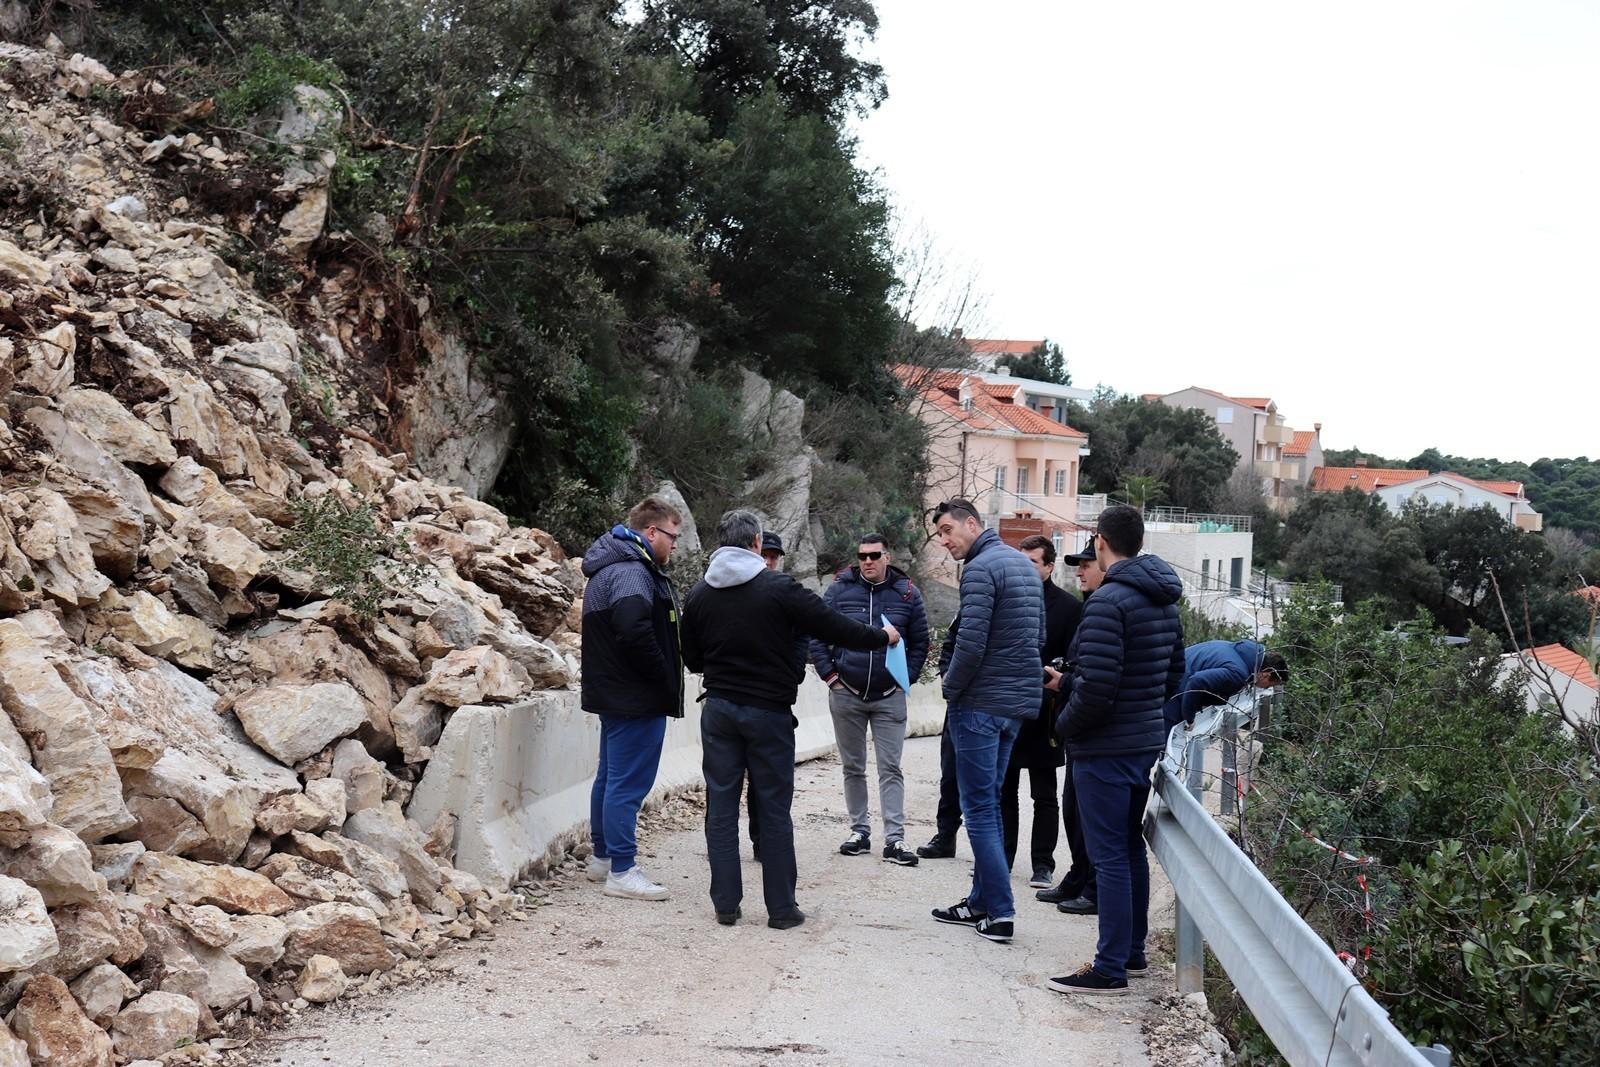 Investitoru u Štikovici naložena hitna sanacija potpornog zida i puta uz obustavu radova